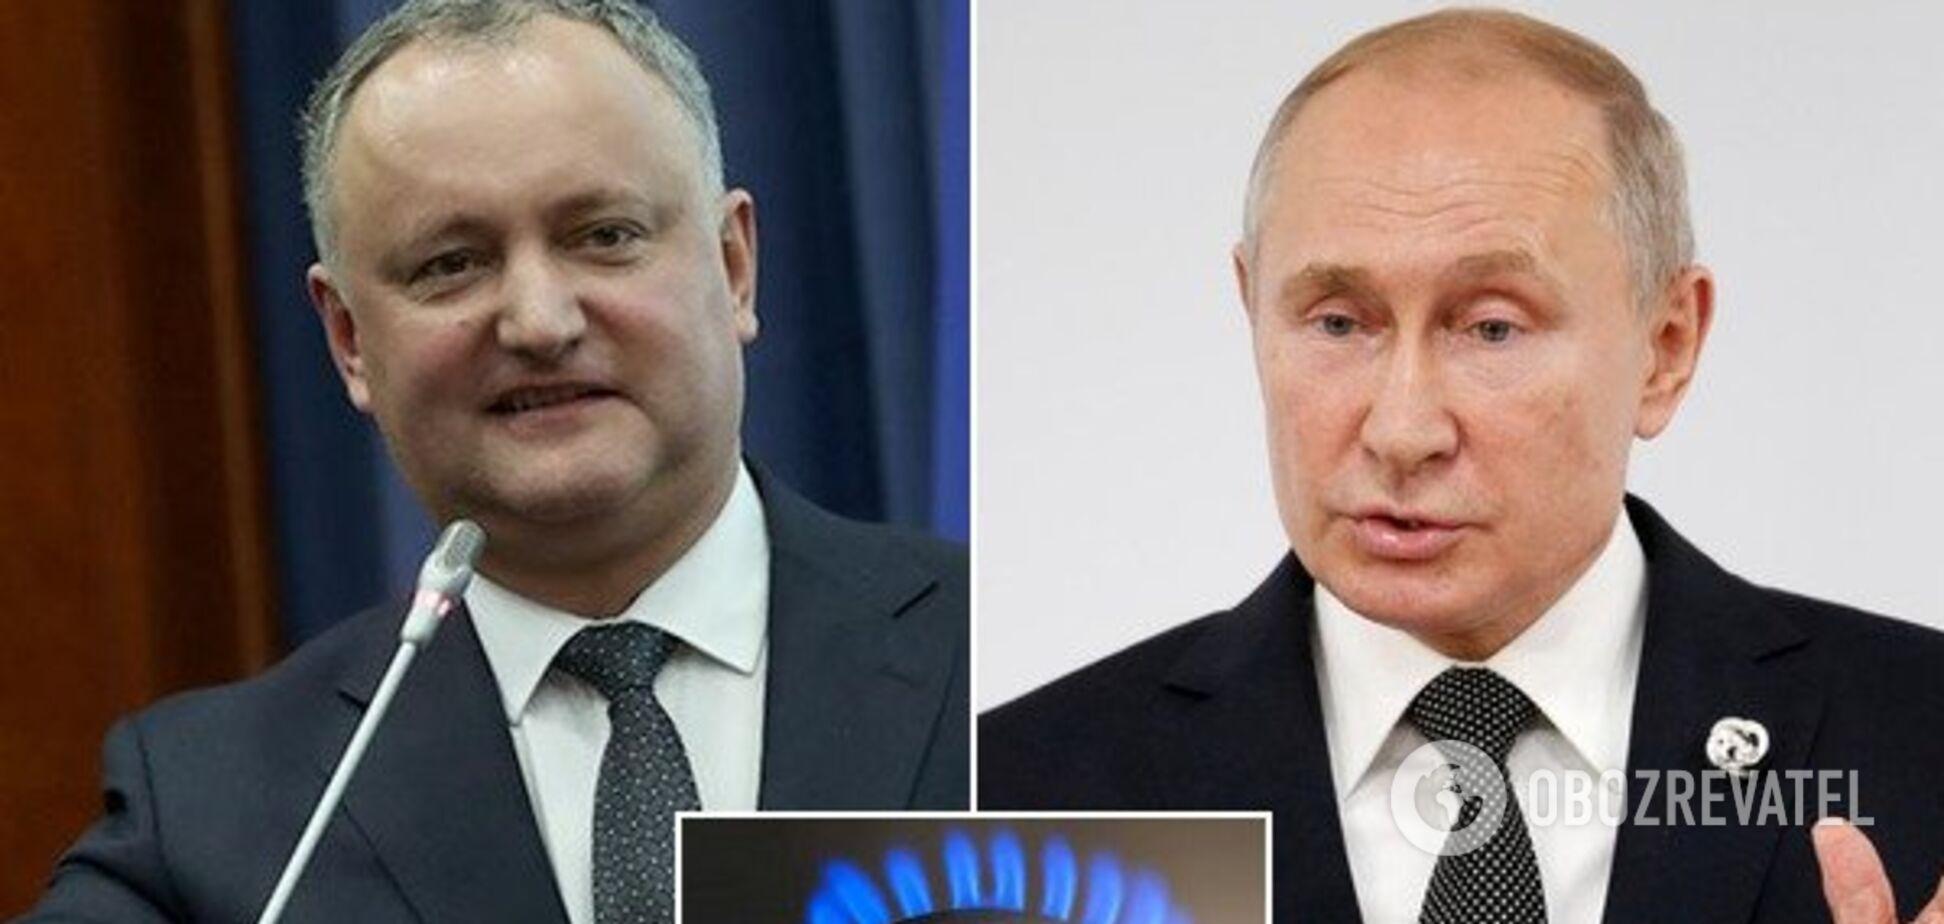 Друг Путіна вибив у Росії знижку на газ: скільки будуть платити